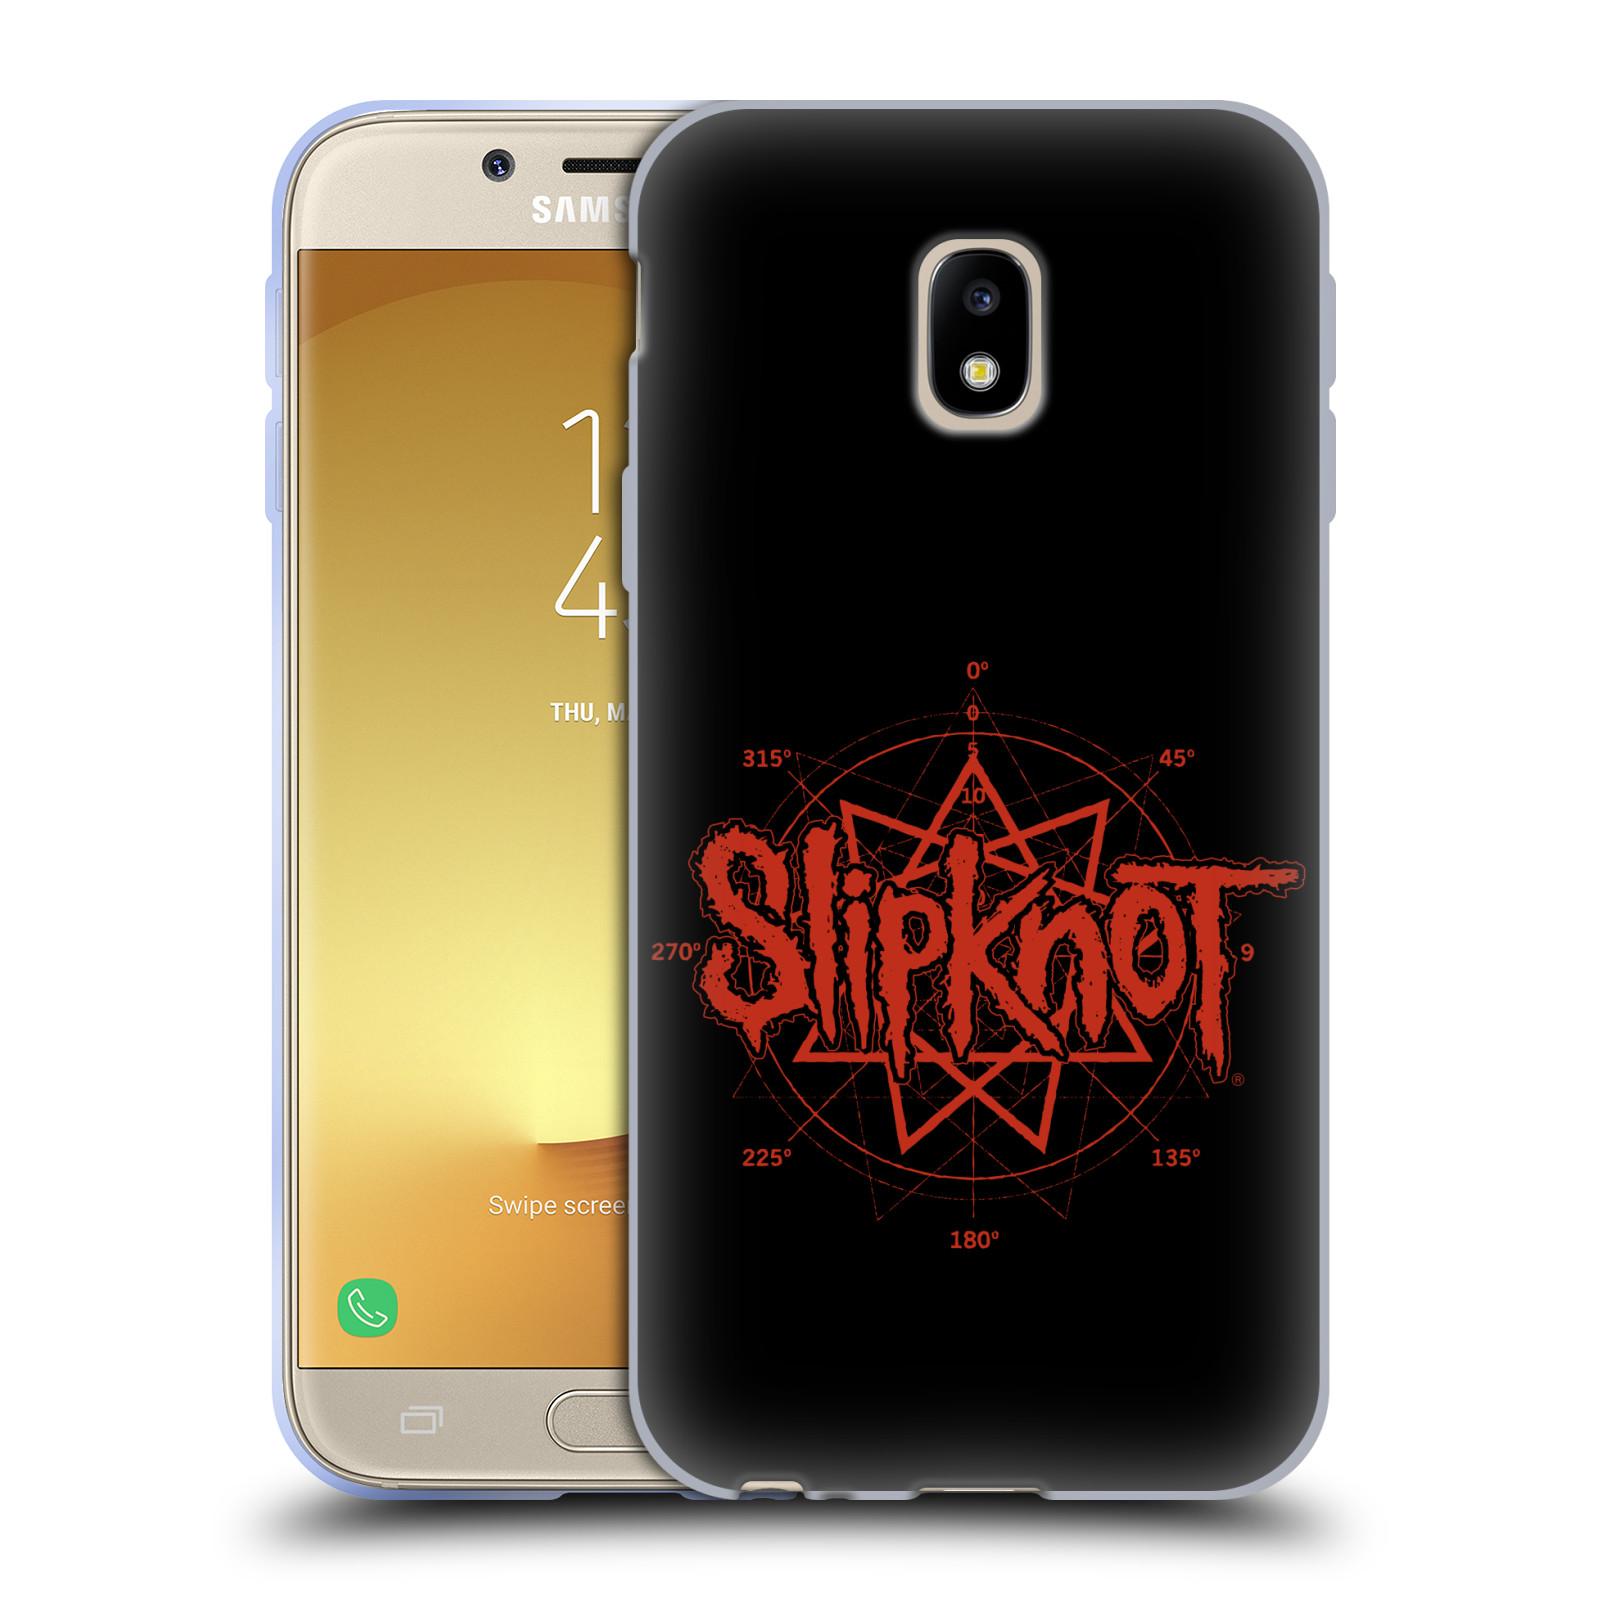 HEAD CASE silikonový obal na mobil Samsung Galaxy J3 2017 (J330, J330F) hudební skupina Slipknot logo